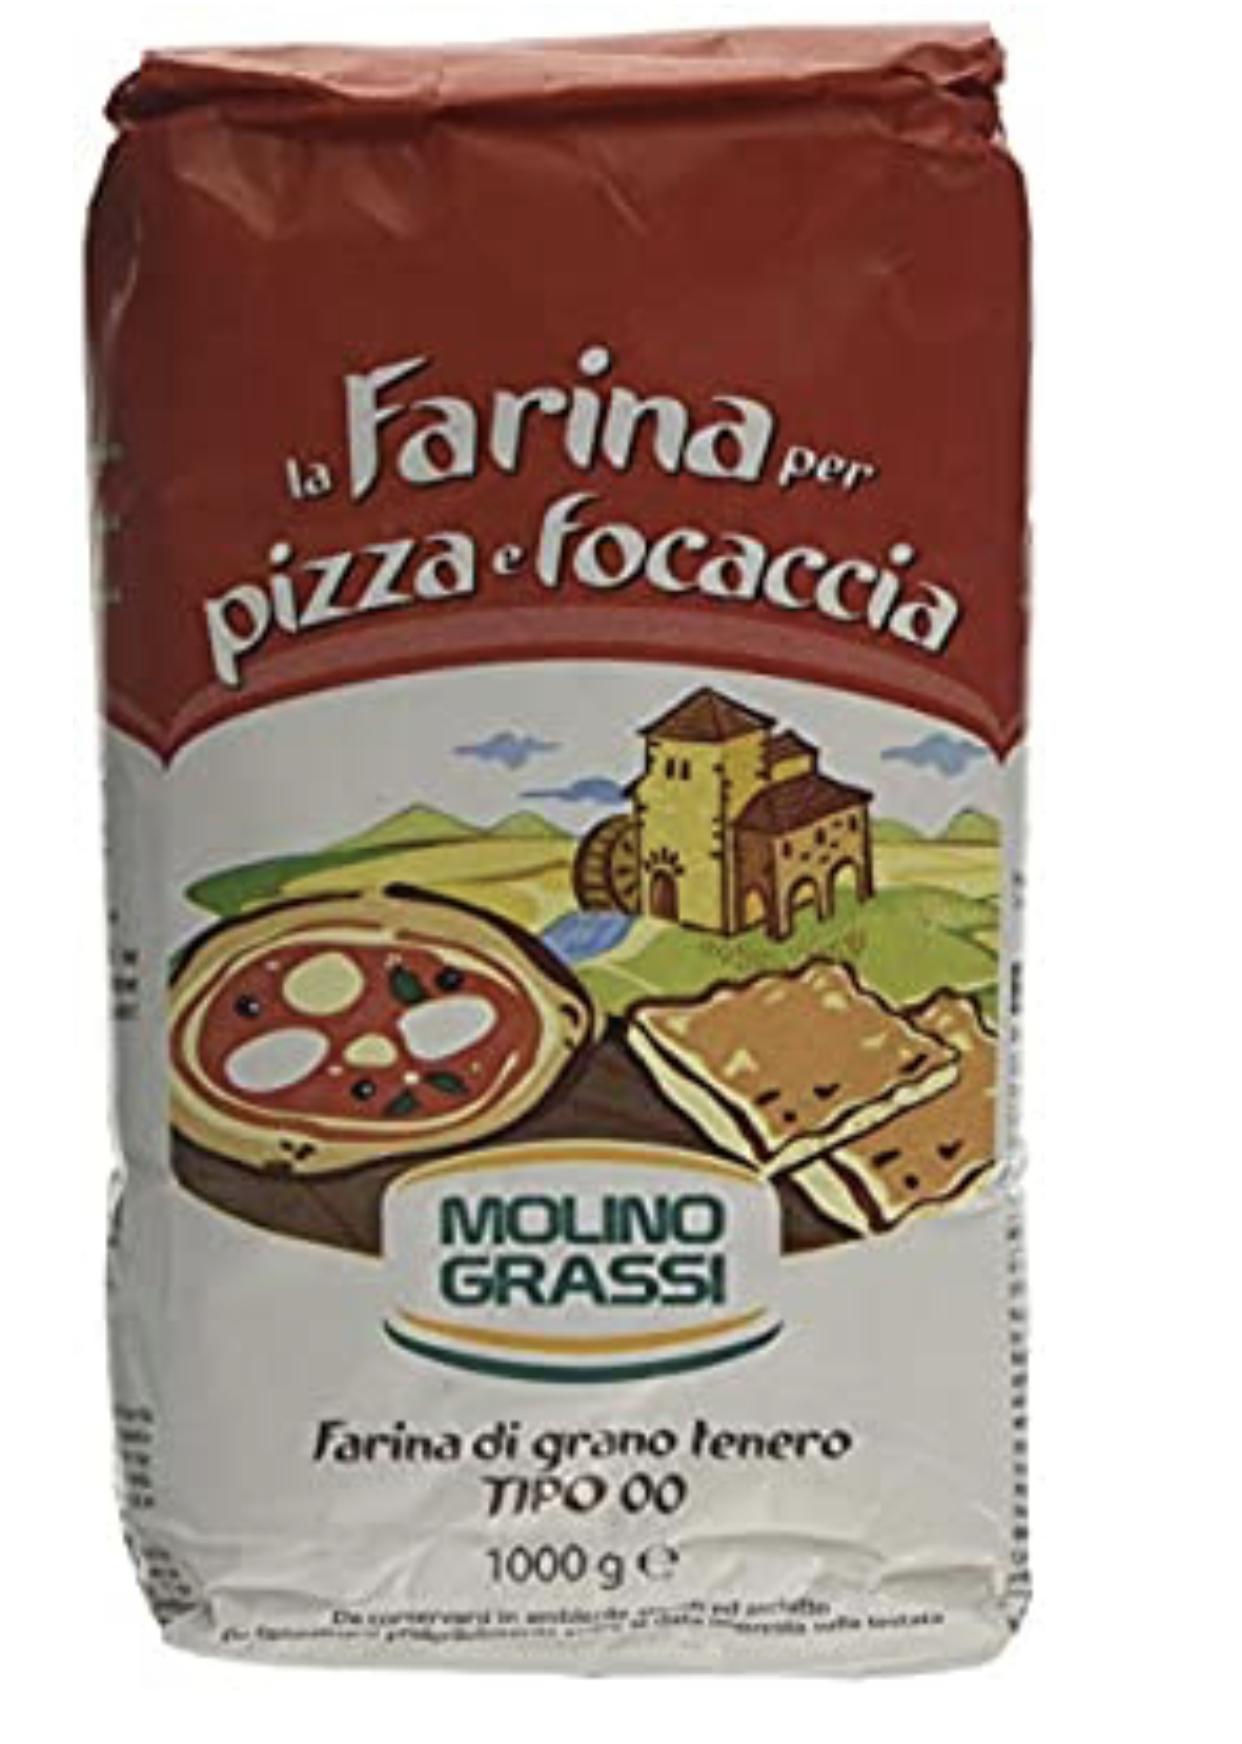 Molino Grassi Italian Flour for Pizzas and Focaccia, 1 kg, Pack of 10 at Amazon £12.15 @ Amazon (+£4.49 non-prime)